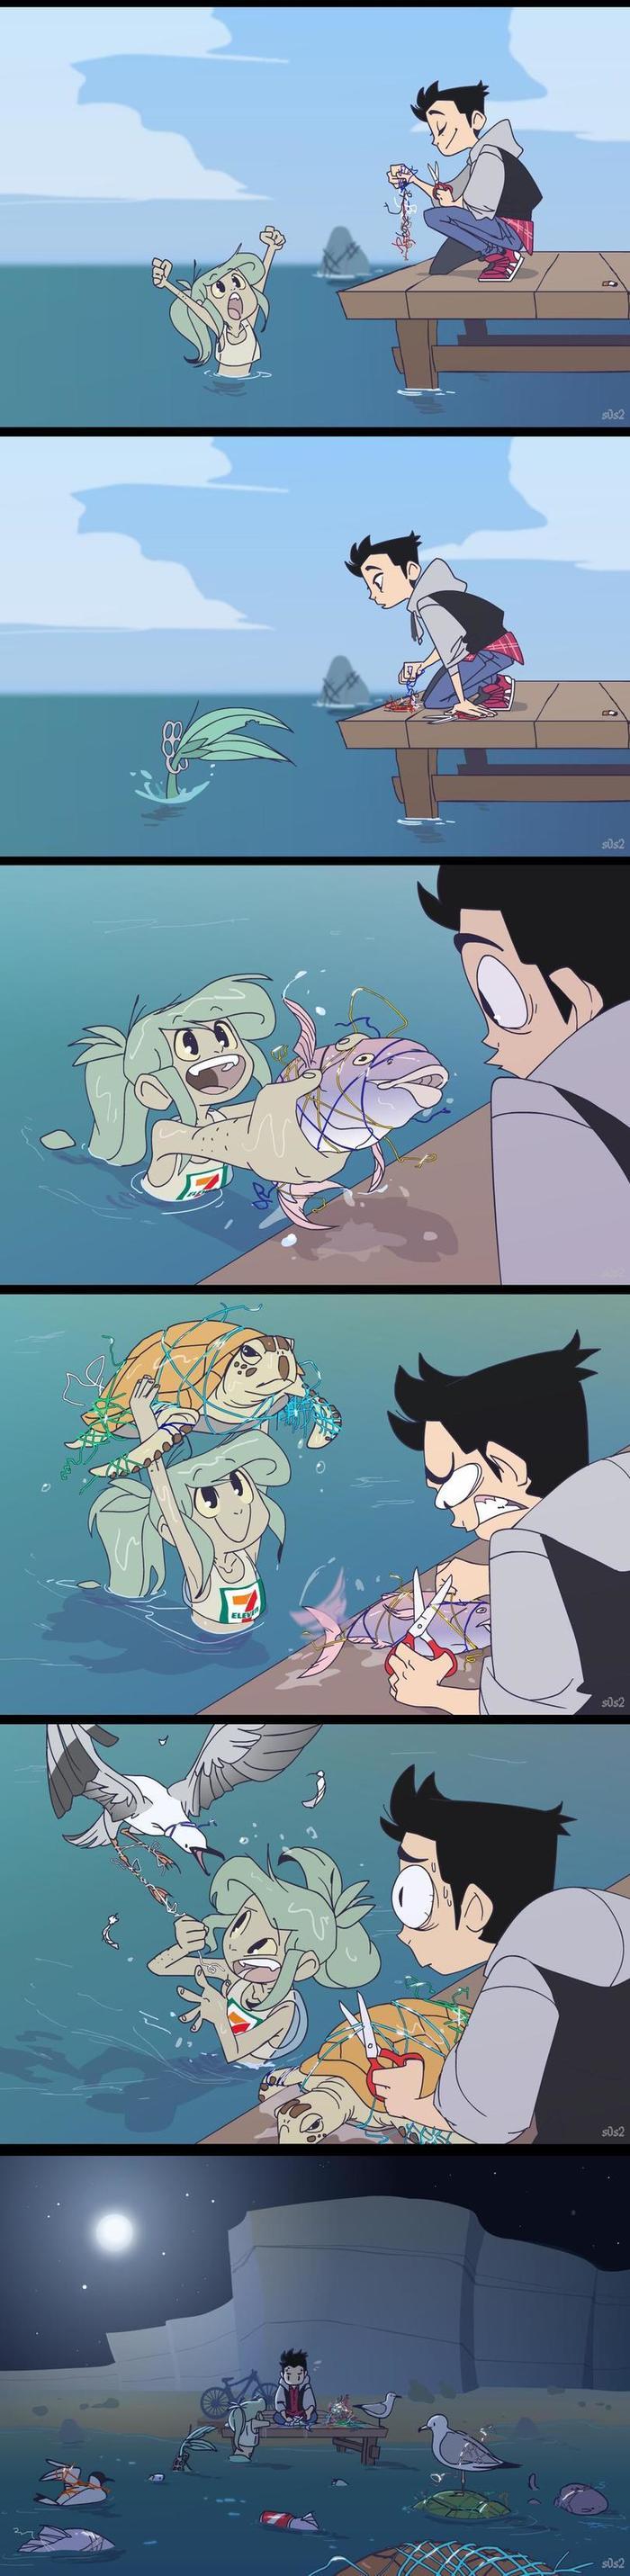 Настоящий герой Русалка, S0s2, Пластик, Загрязнение океана, Комиксы, Длиннопост, A Little Trashmaid